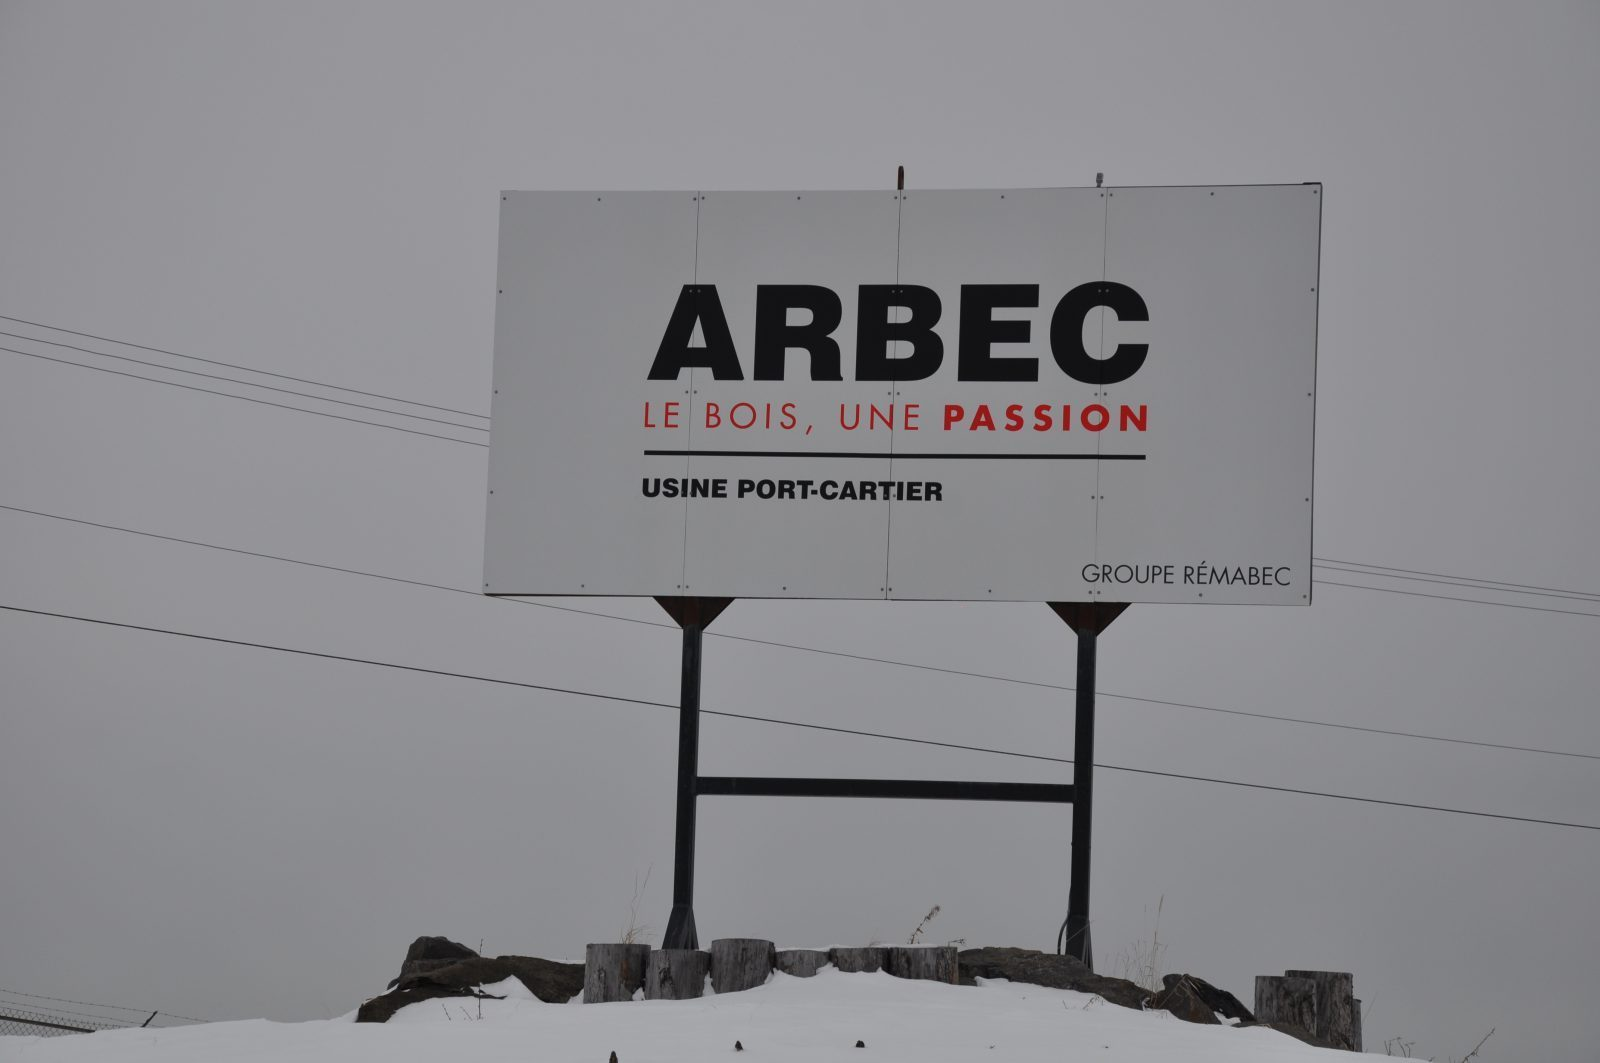 L'usine Arbec de Port-Cartier mettra fin à ses opérations en octobre